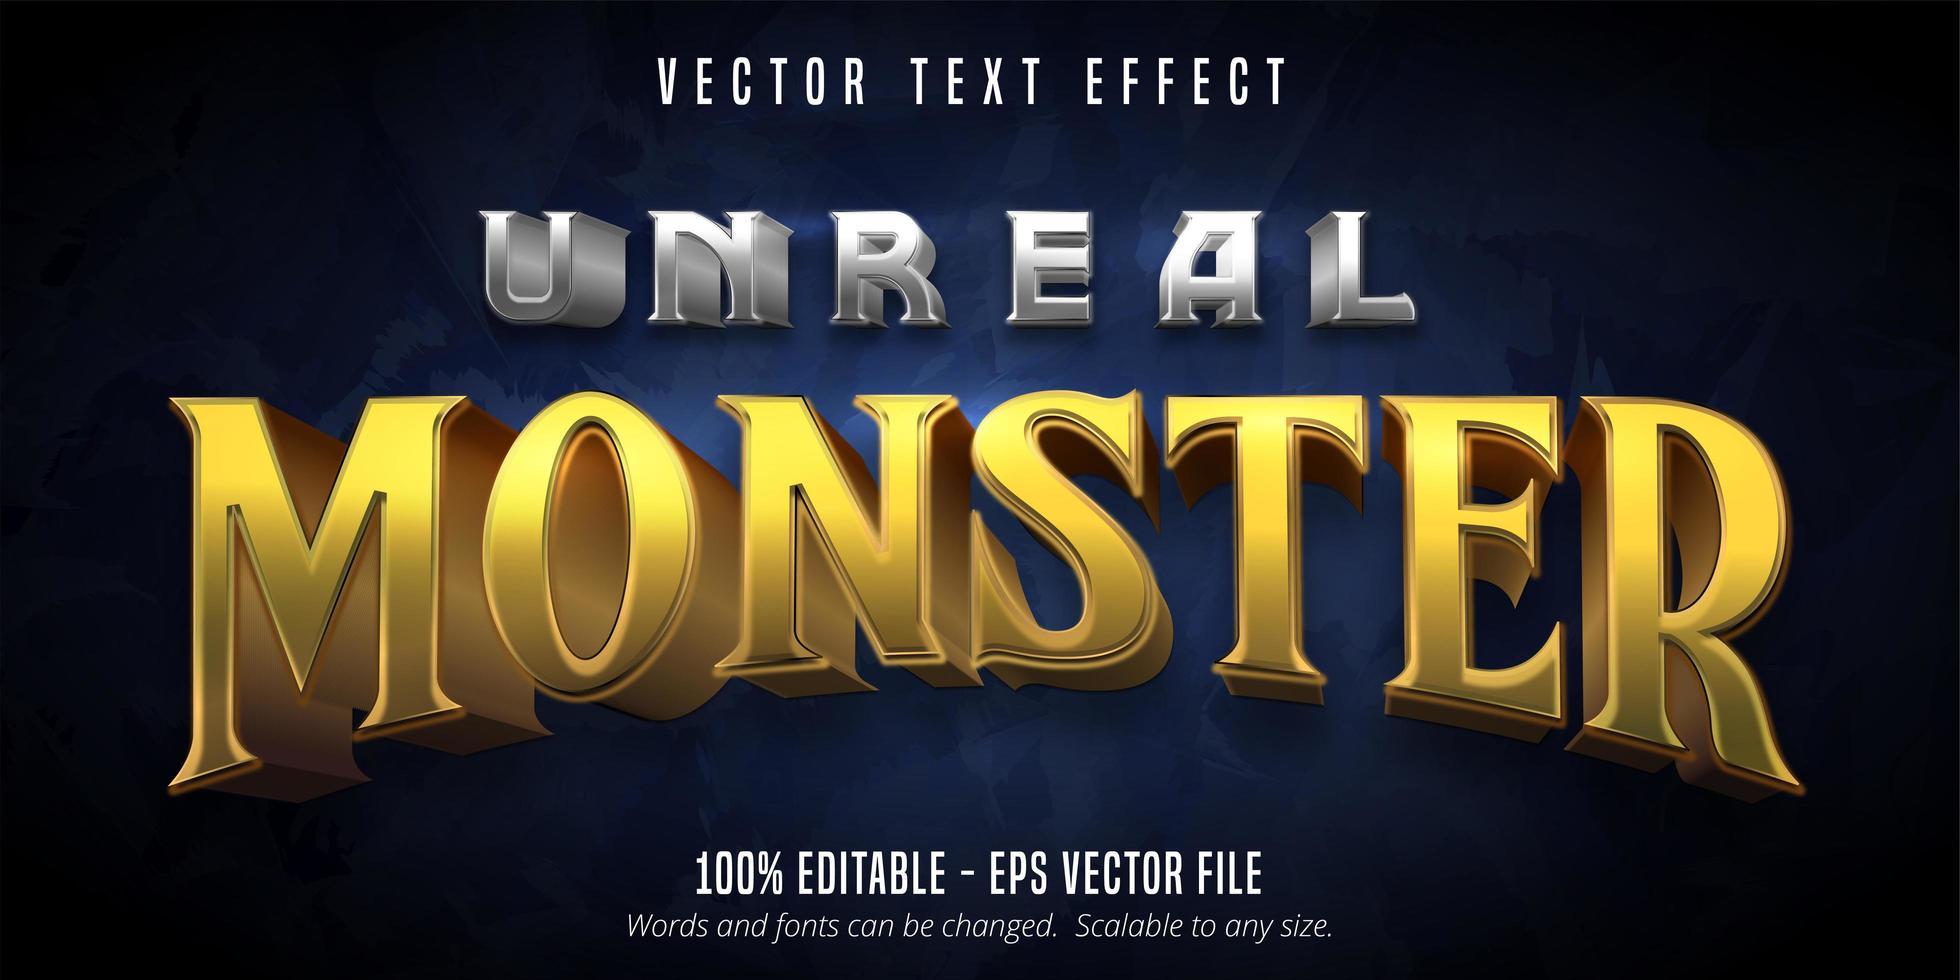 Unwirklicher Monster-Metallic-Spielstil-Texteffekt vektor